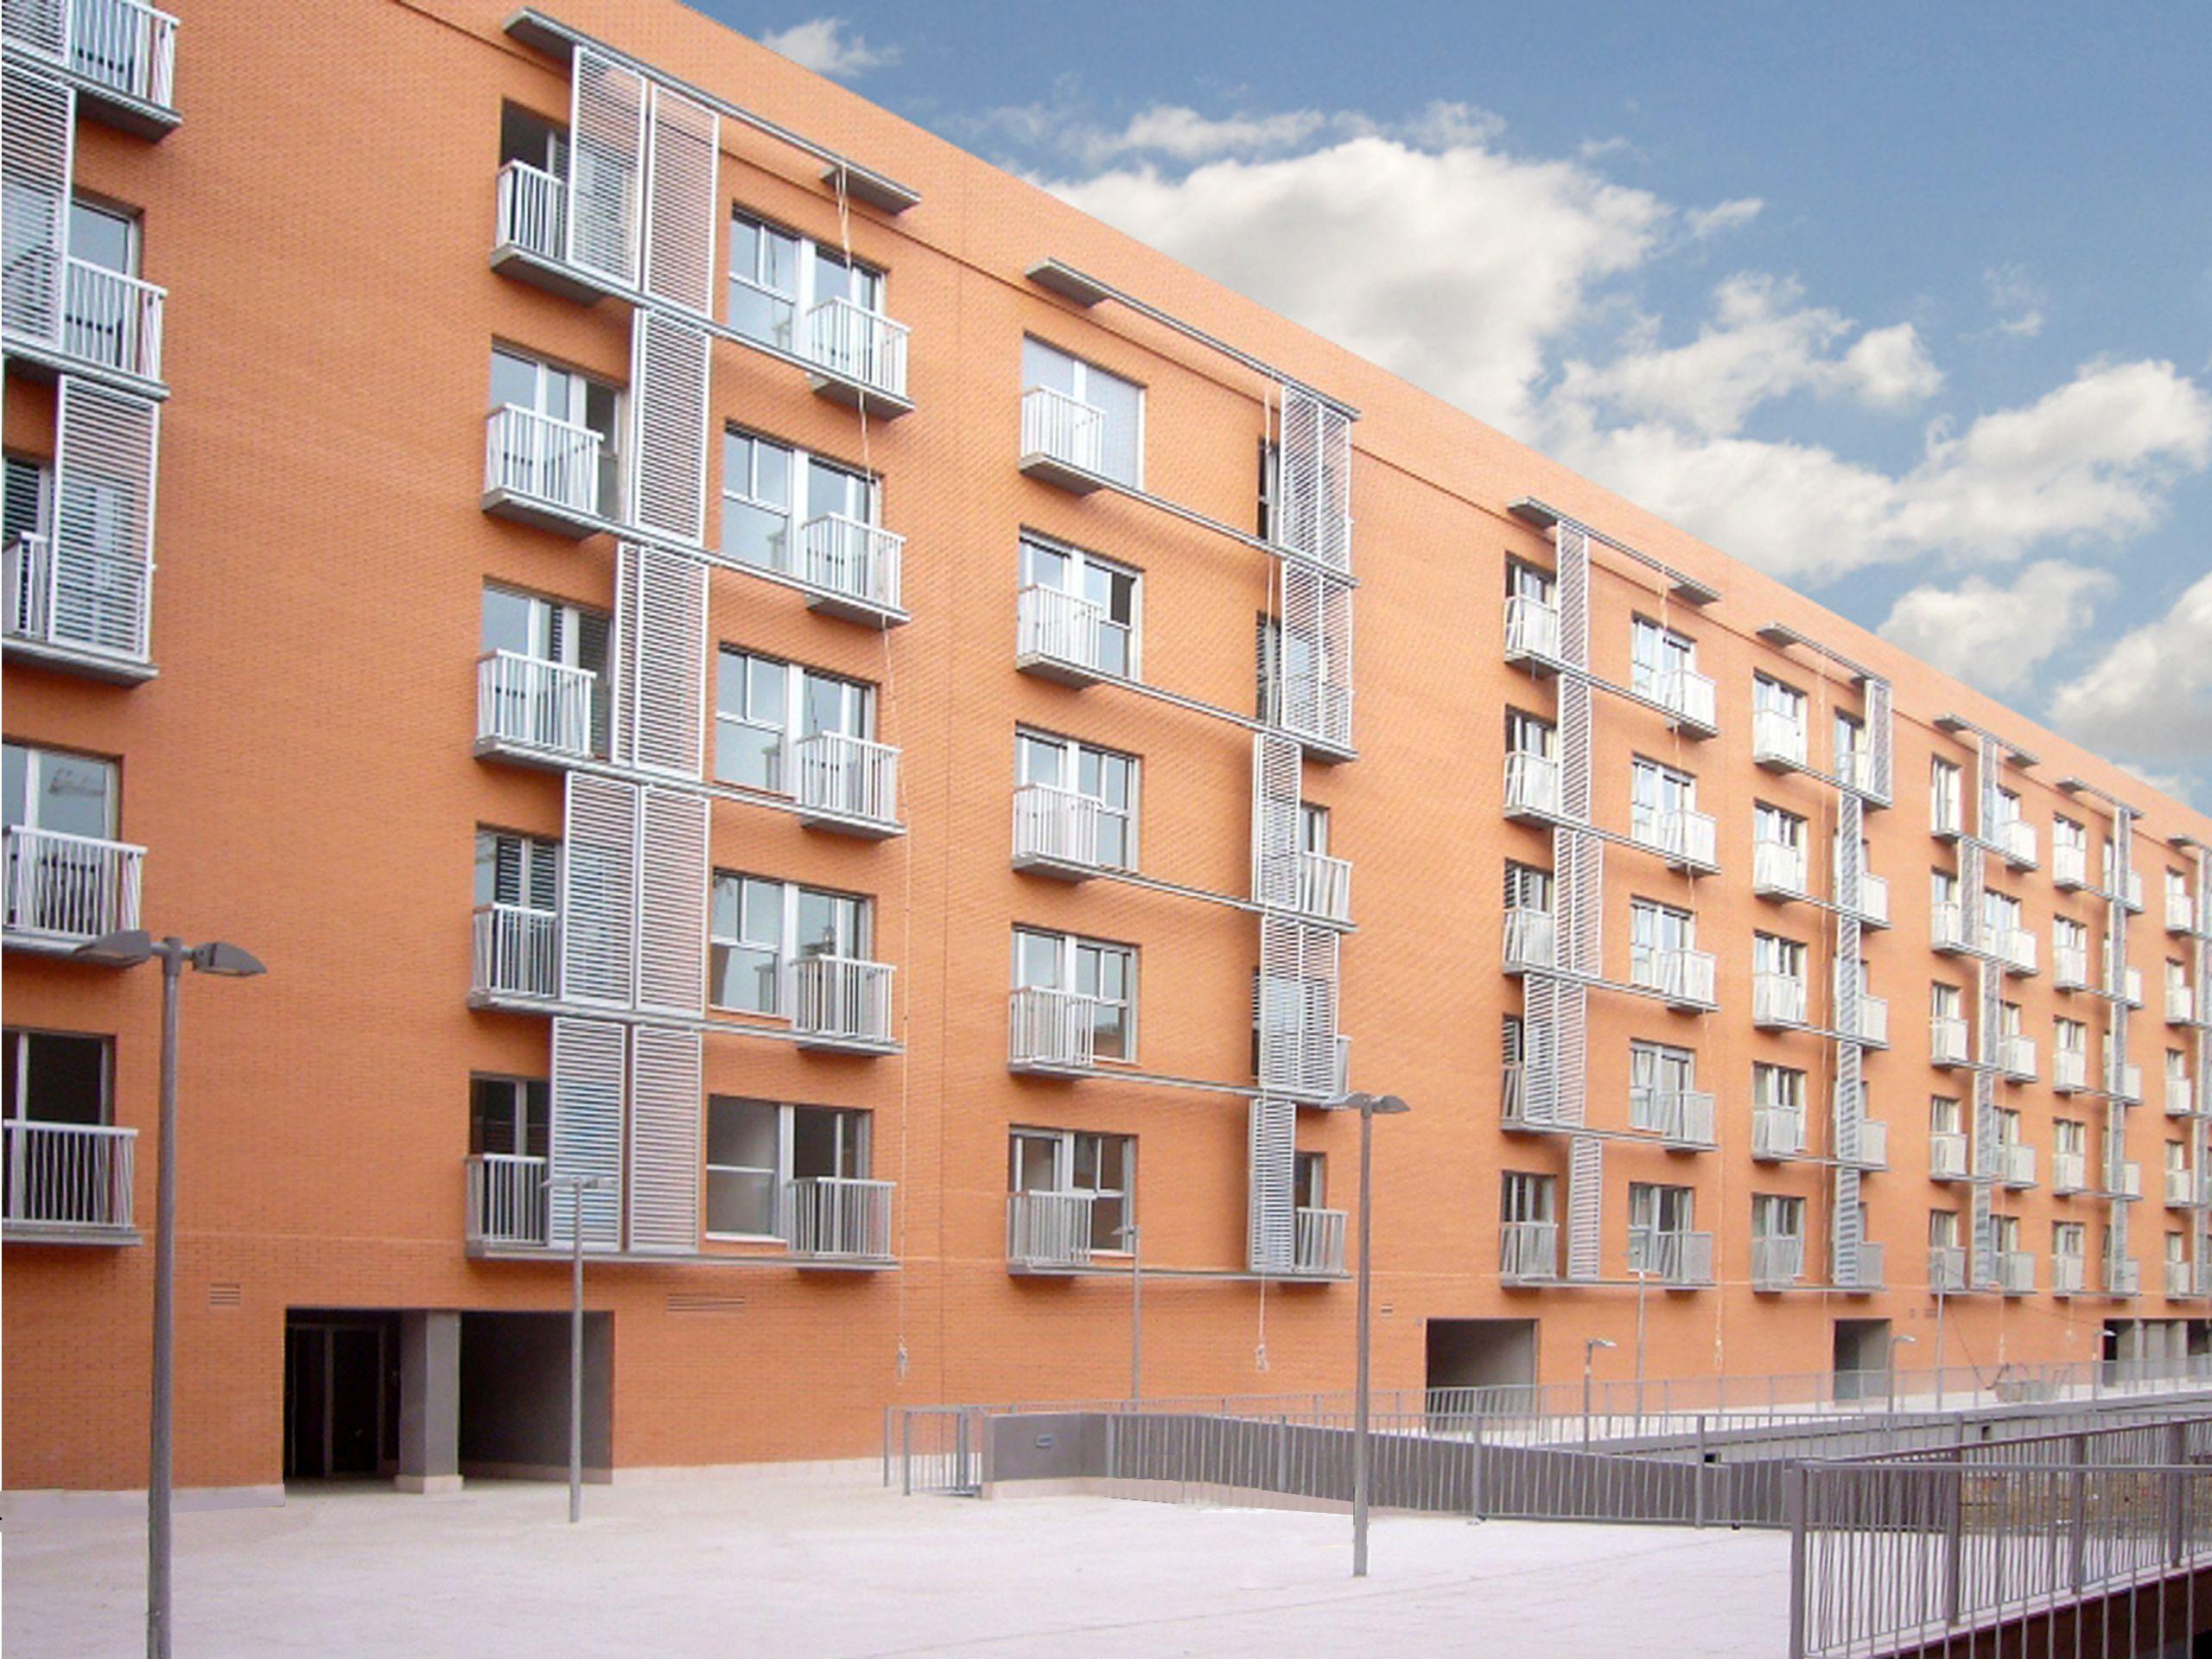 Edificio residencial (Móstoles)